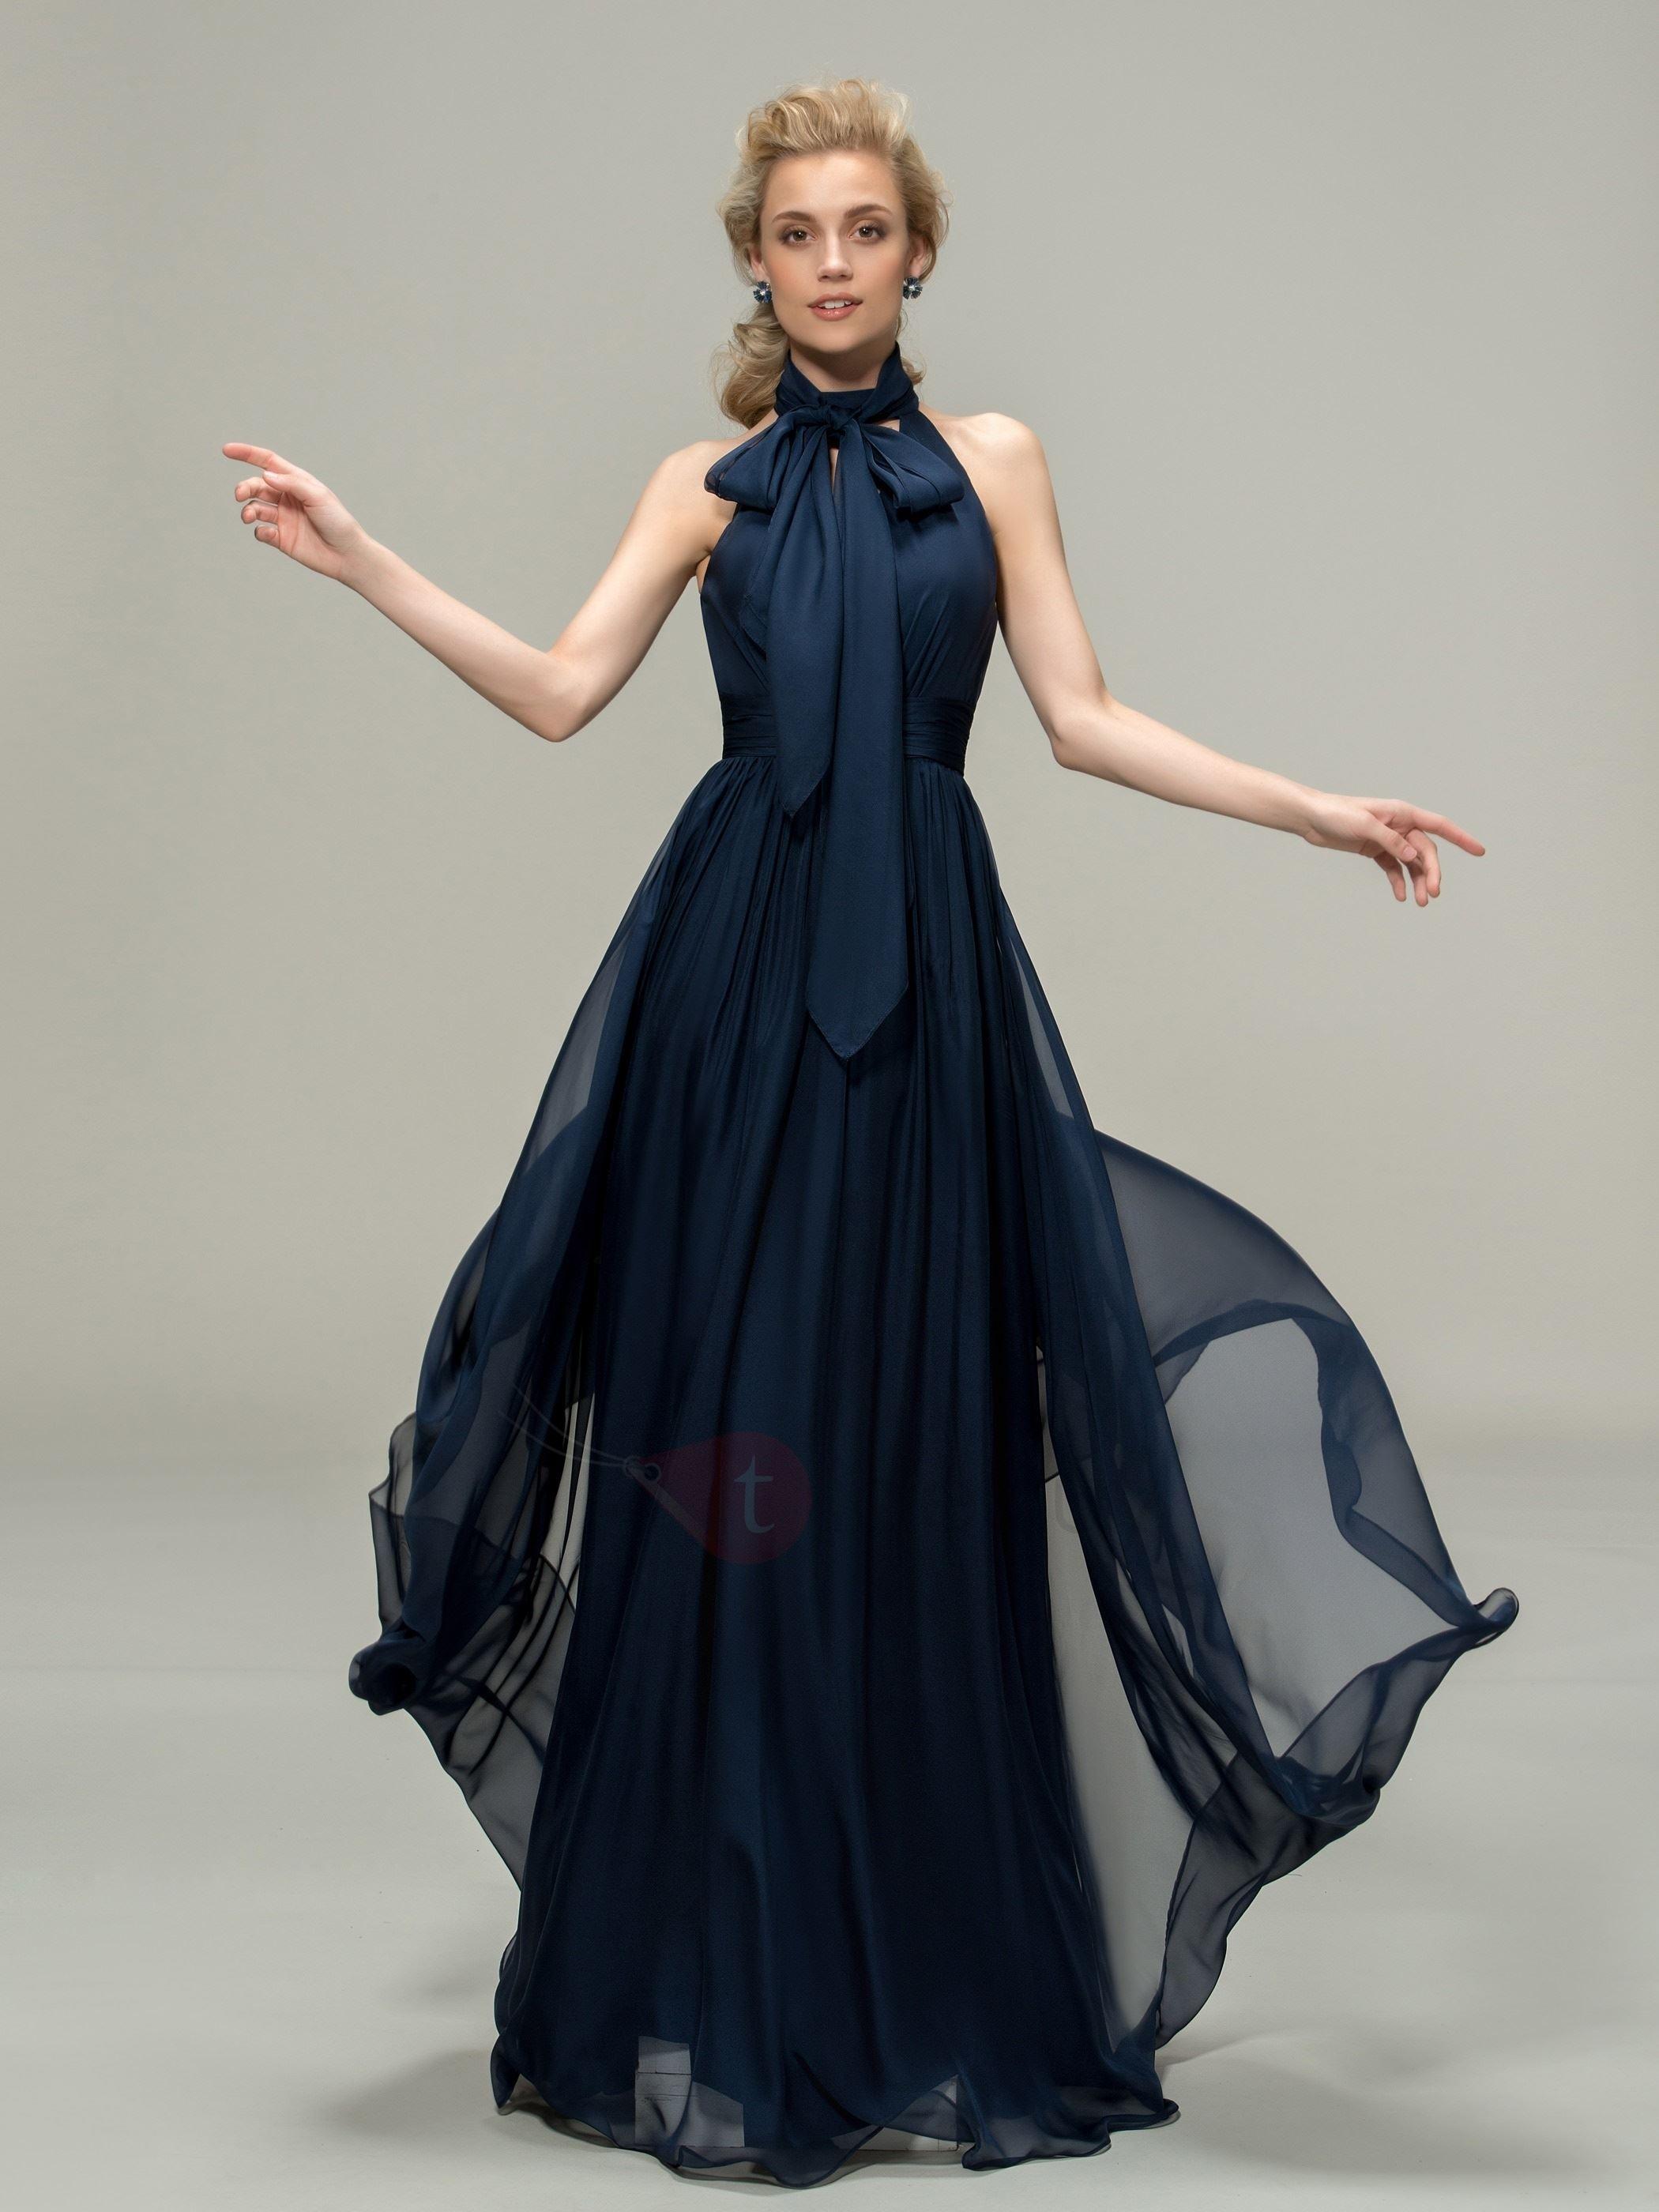 10 Cool Blaues Kleid A Linie Ärmel10 Ausgezeichnet Blaues Kleid A Linie für 2019